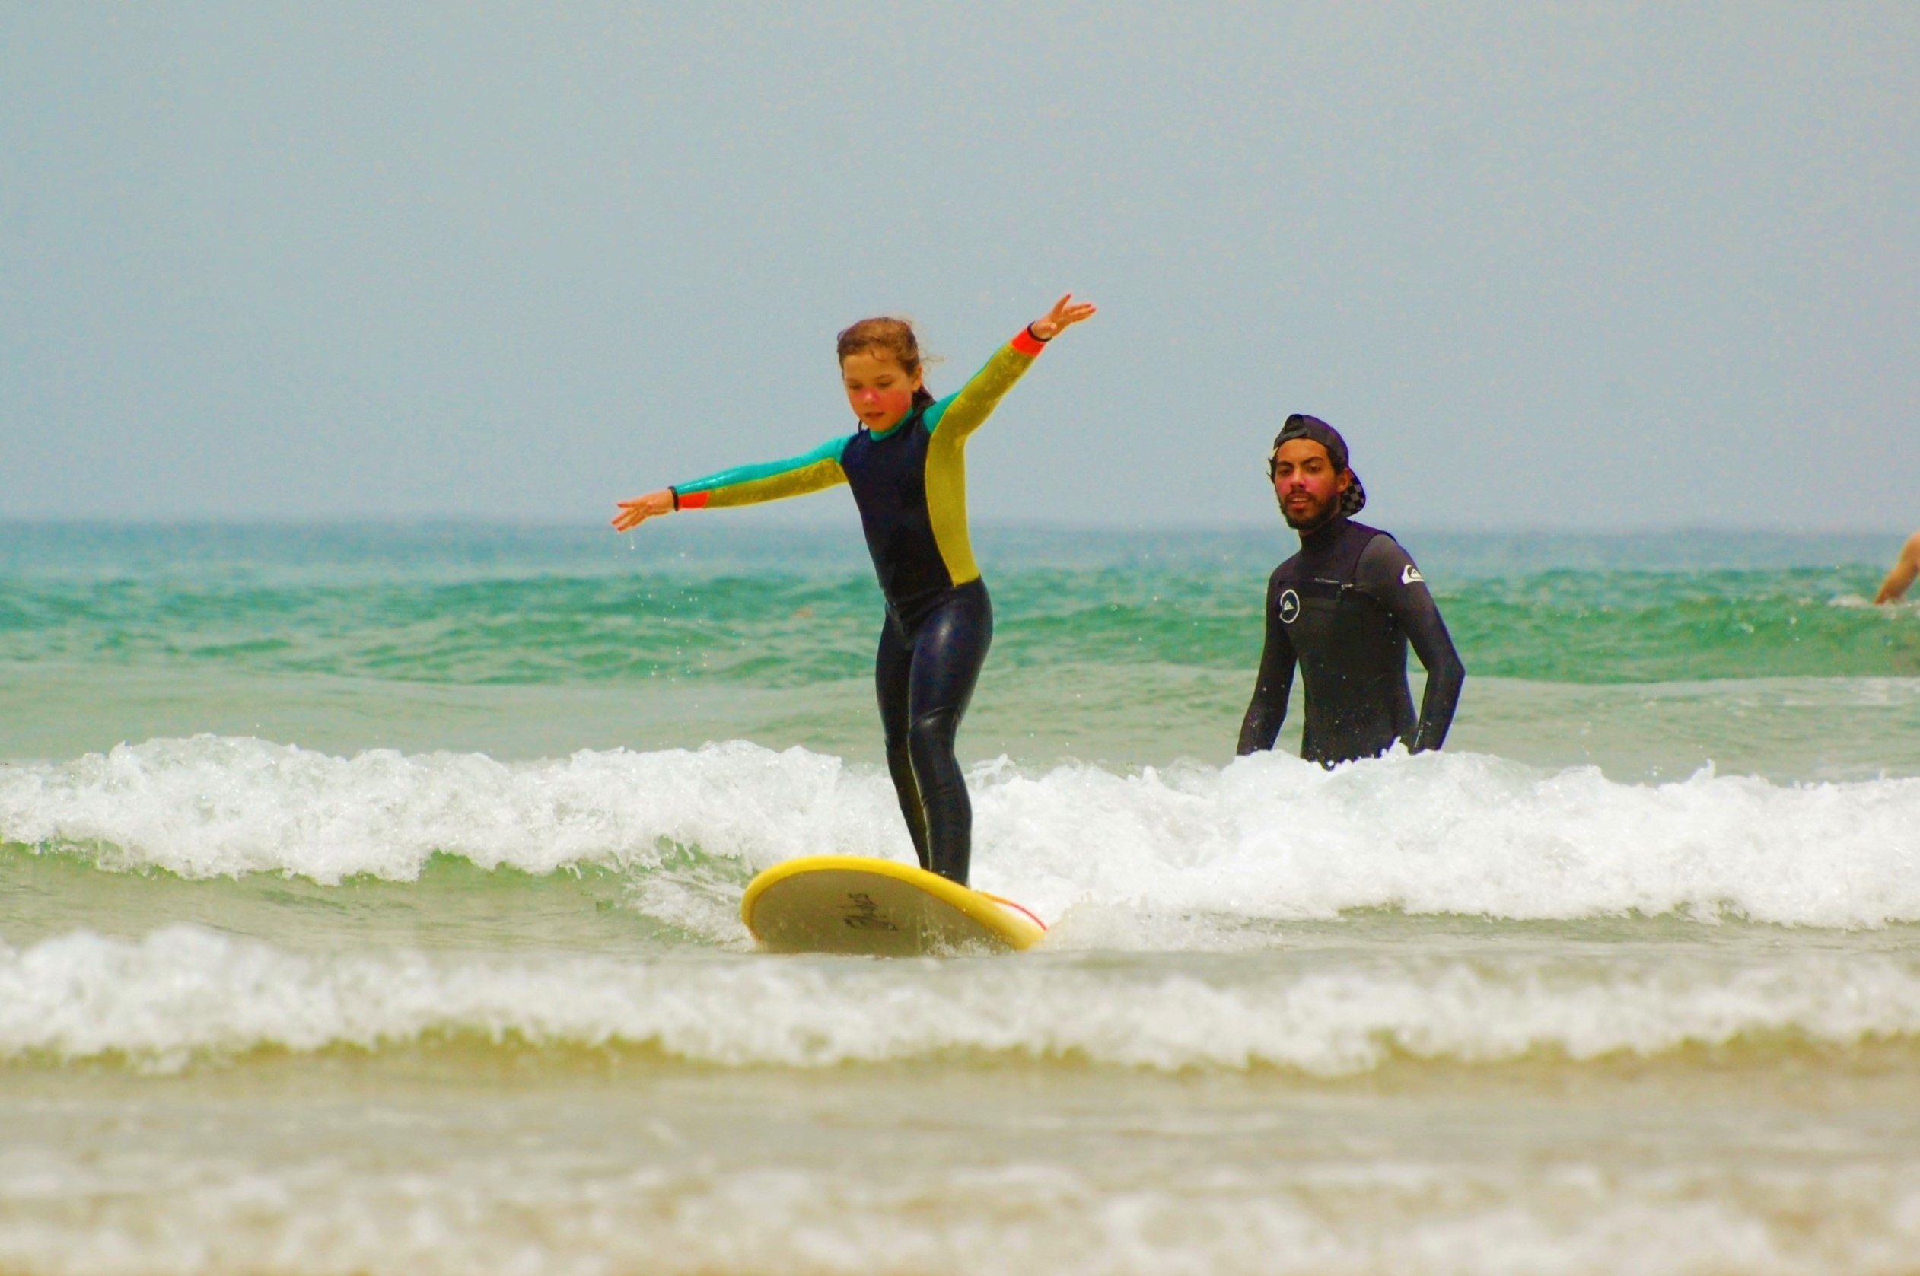 Children surflessons